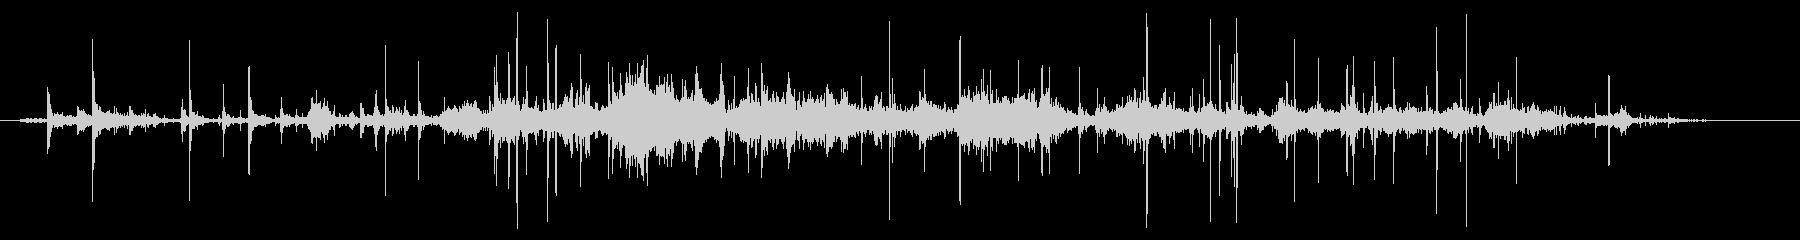 紙を丸める効果音 01の未再生の波形